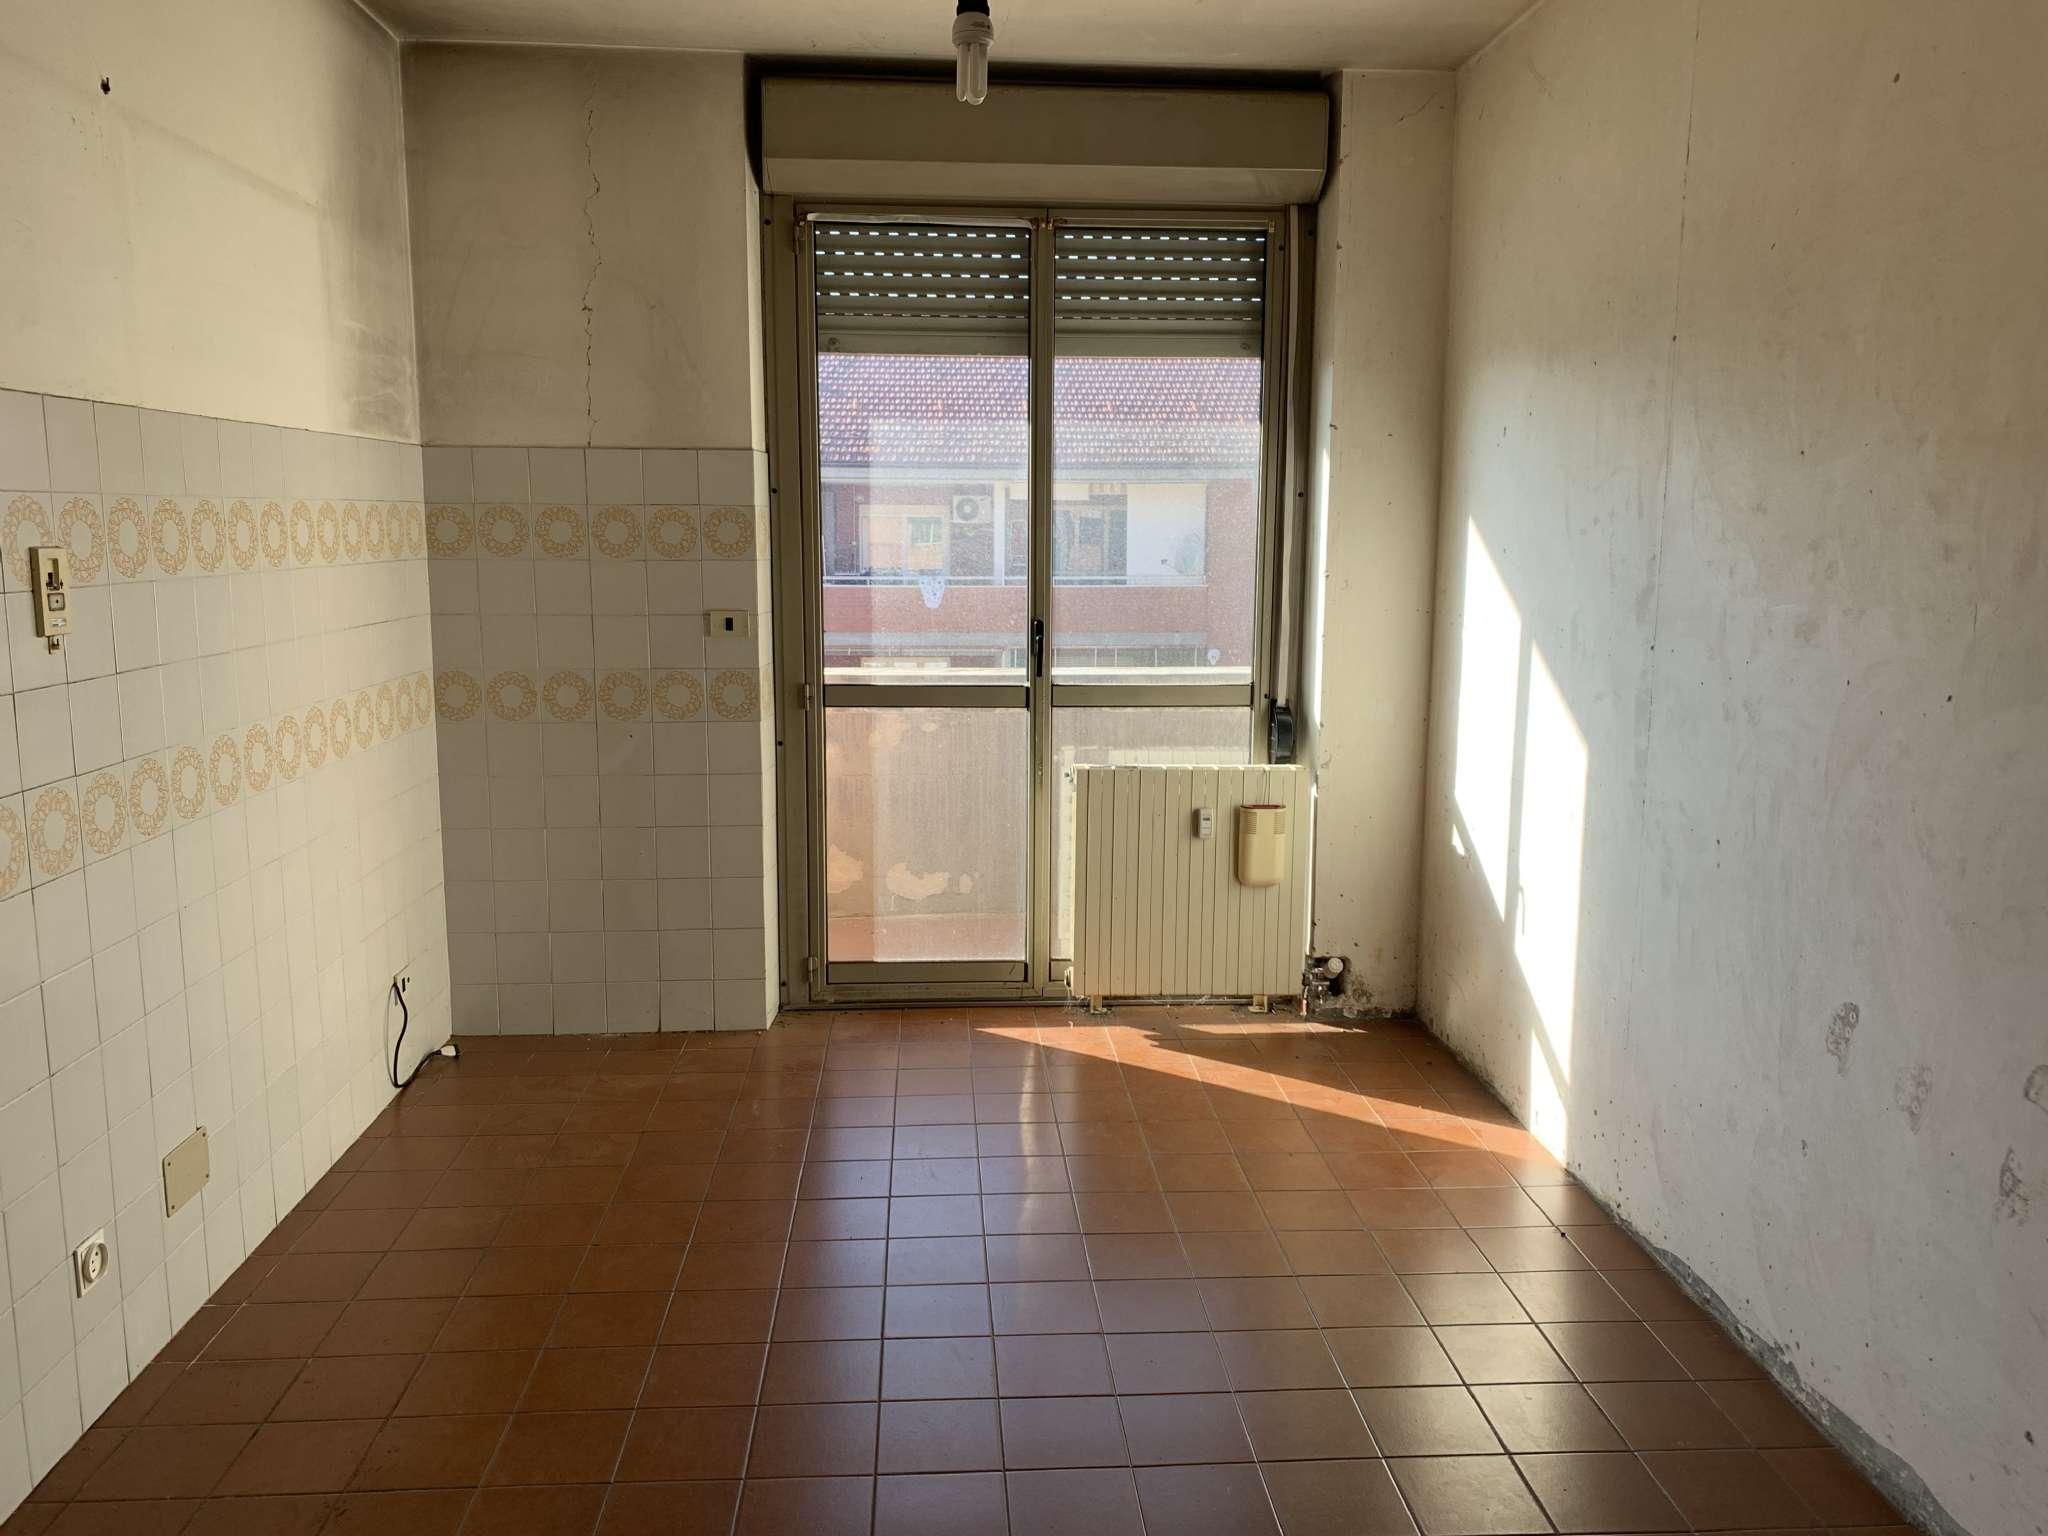 Appartamento in vendita a Cuneo, 5 locali, prezzo € 86.000 | CambioCasa.it